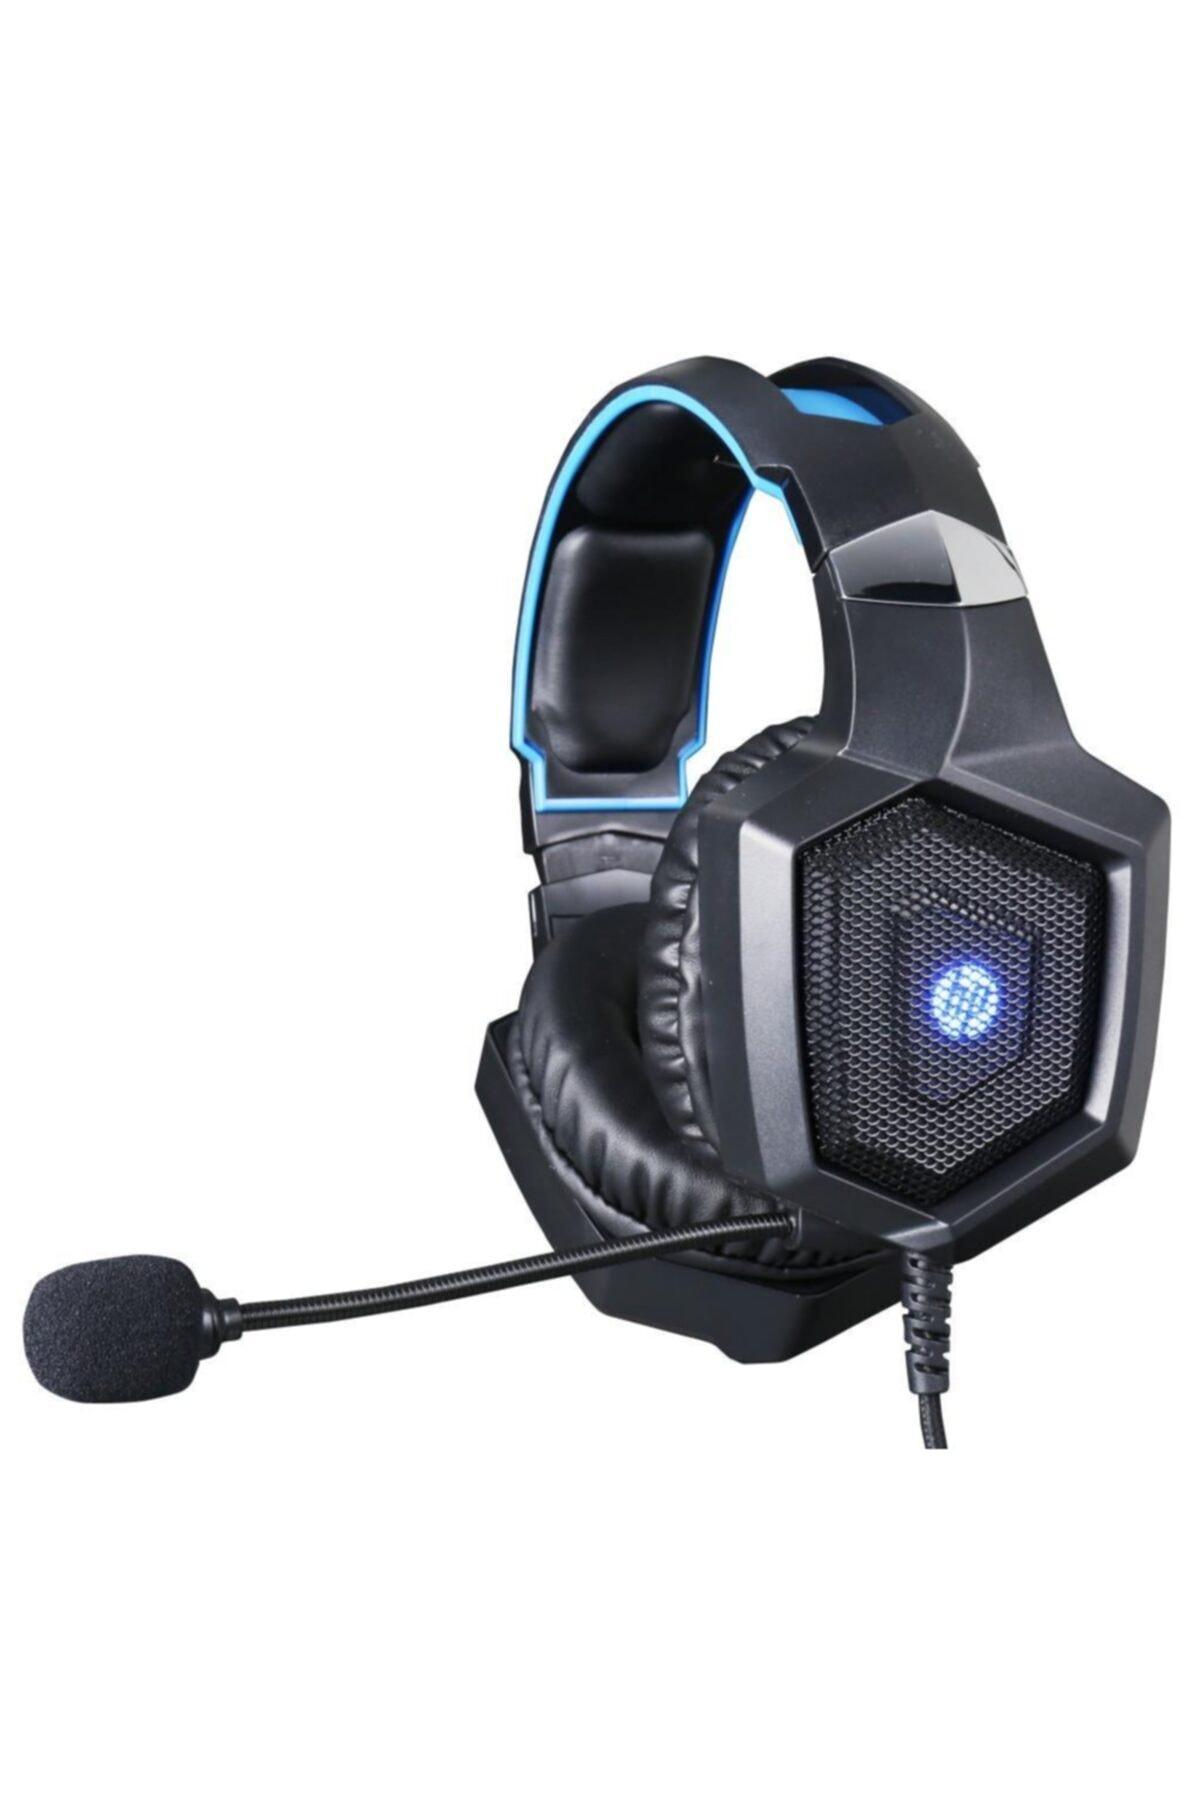 H320 Gs 7.1 Gaming Işıklı Mikrofonlu Oyuncu Kulaklığı